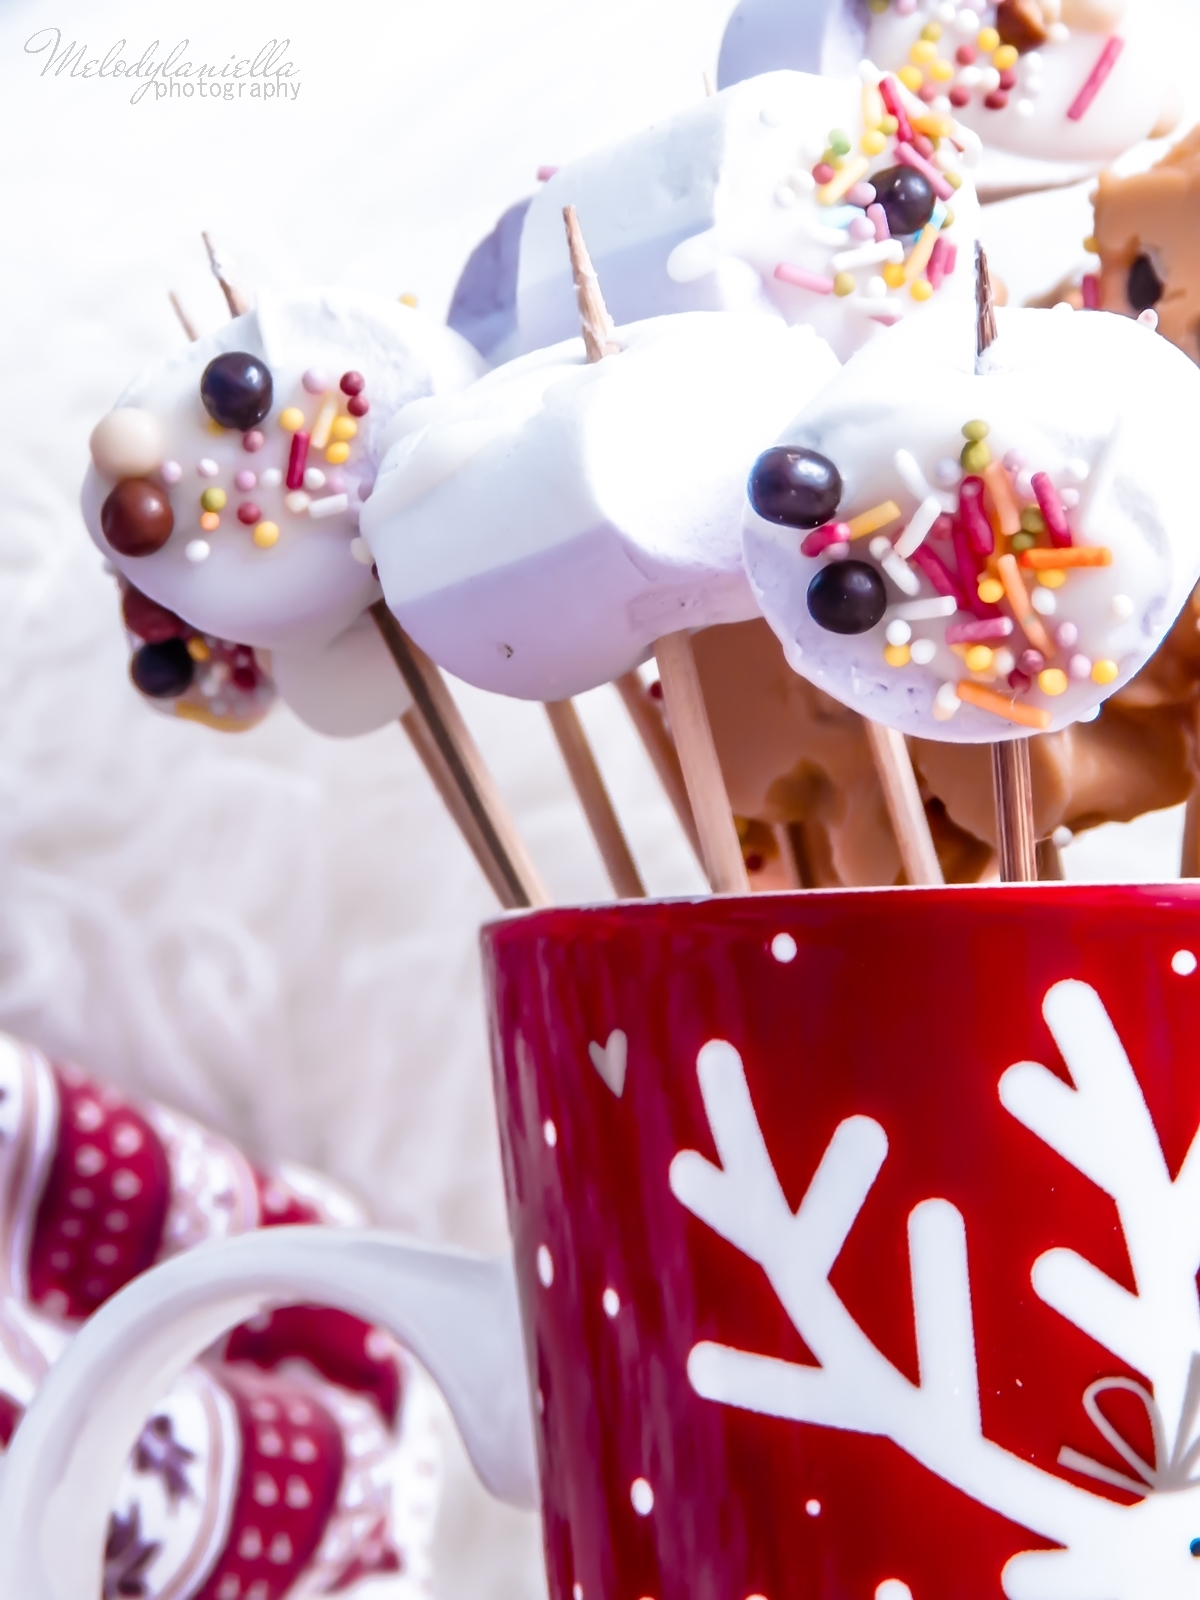 10 szybkie przekąski z pianek jojo, czekolady, banana, swiateczne przysmaki na wykalaczkach efektowne słodycze na Boze Narodzenie zimowe slodkosci melodylaniella banan z karmelem